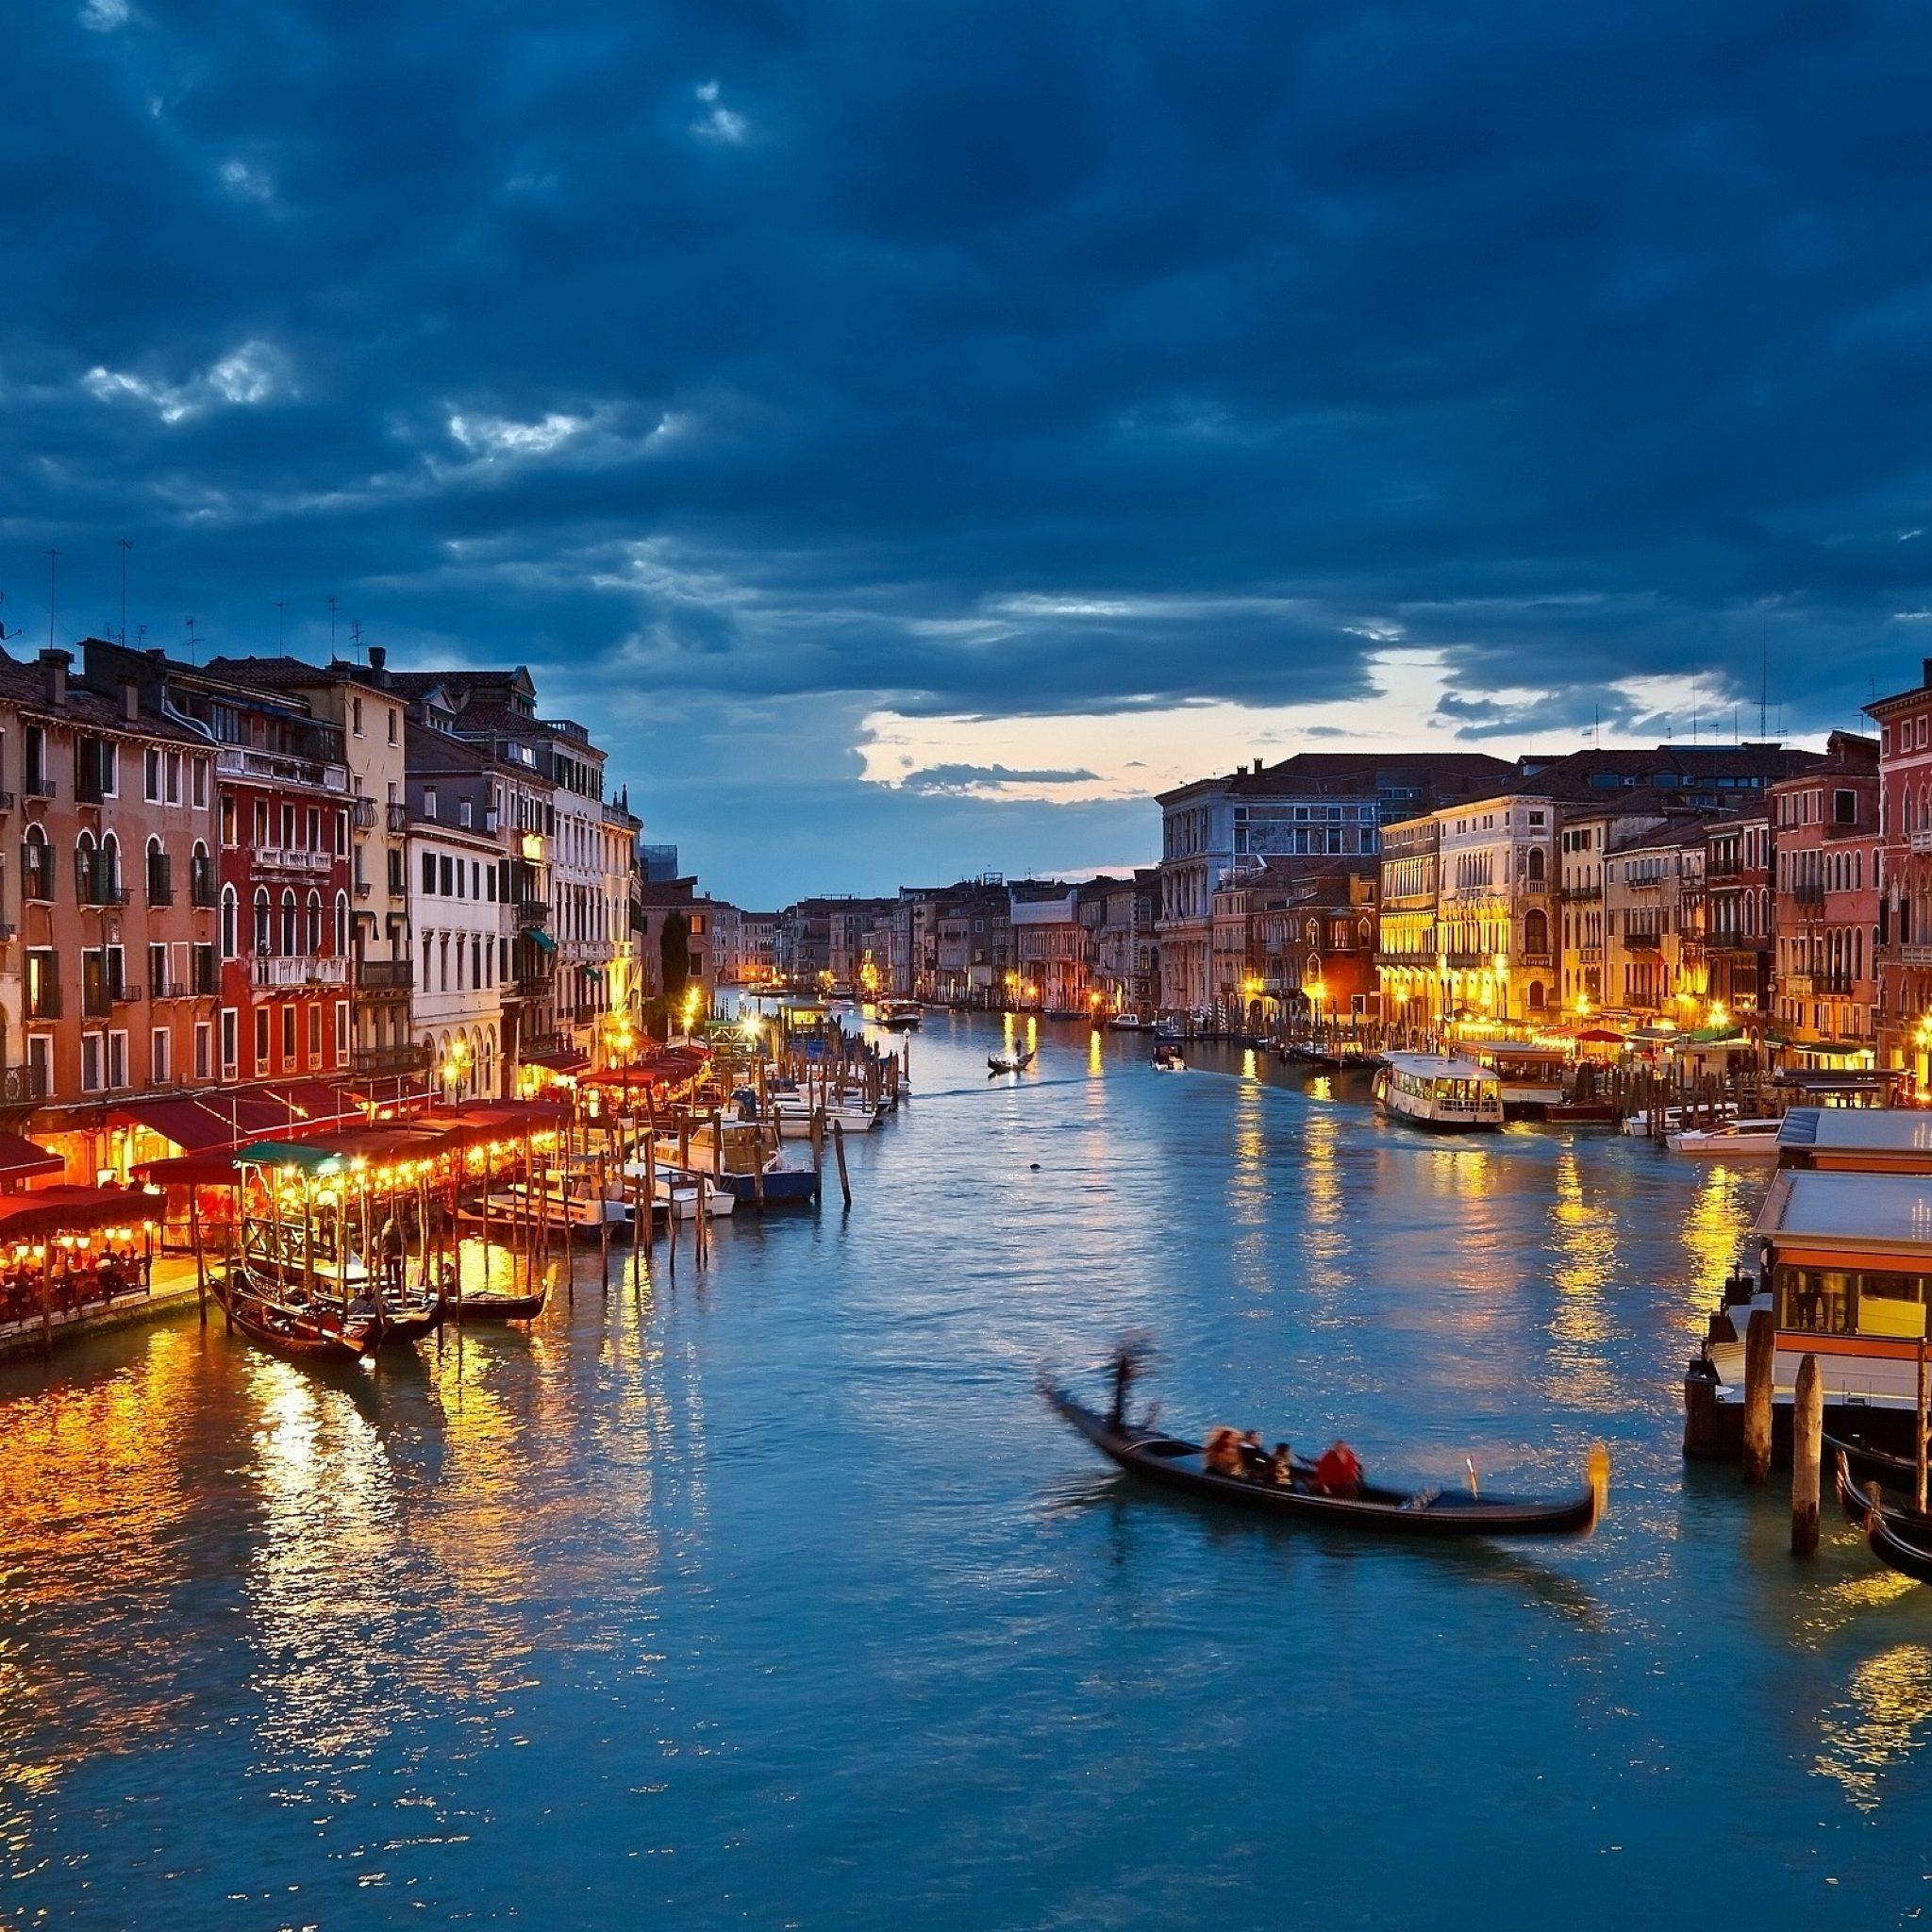 راهنمای سفر به ونیز؛ ایتالیا - گردشگران